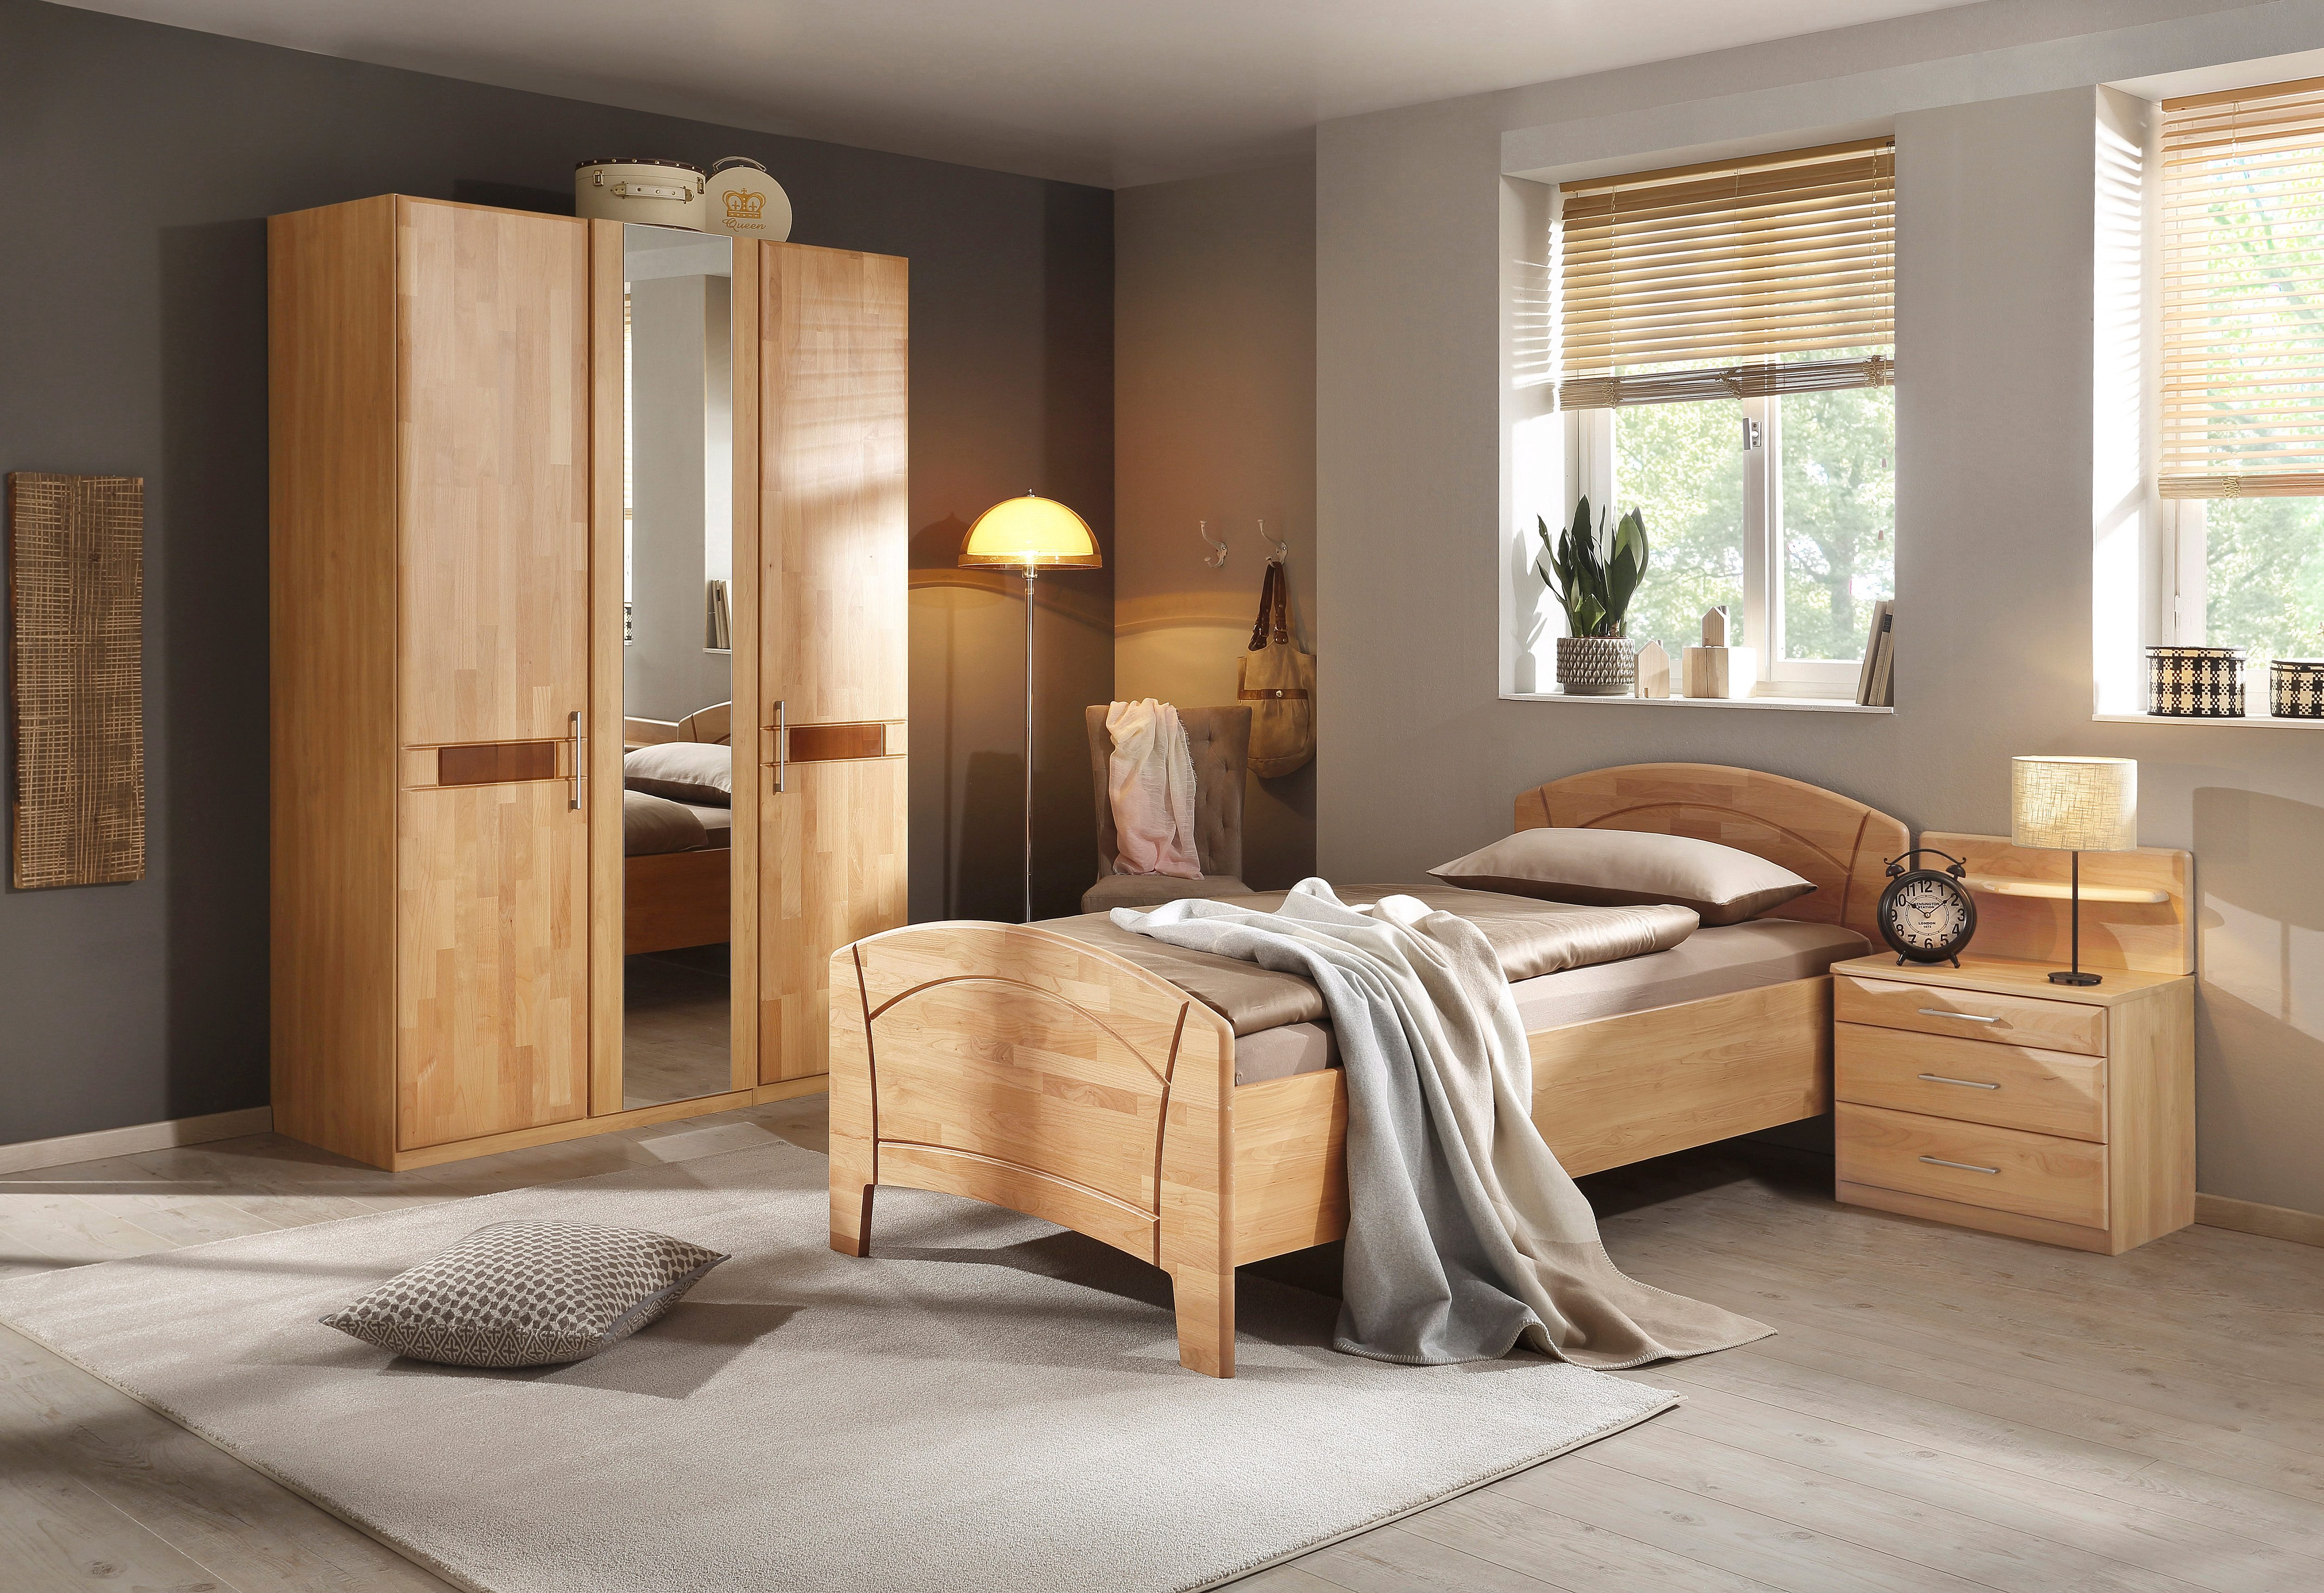 Home affaire Schlafzimmer-Set »Sarah« (Set, 4-tlg) bestellen   BAUR